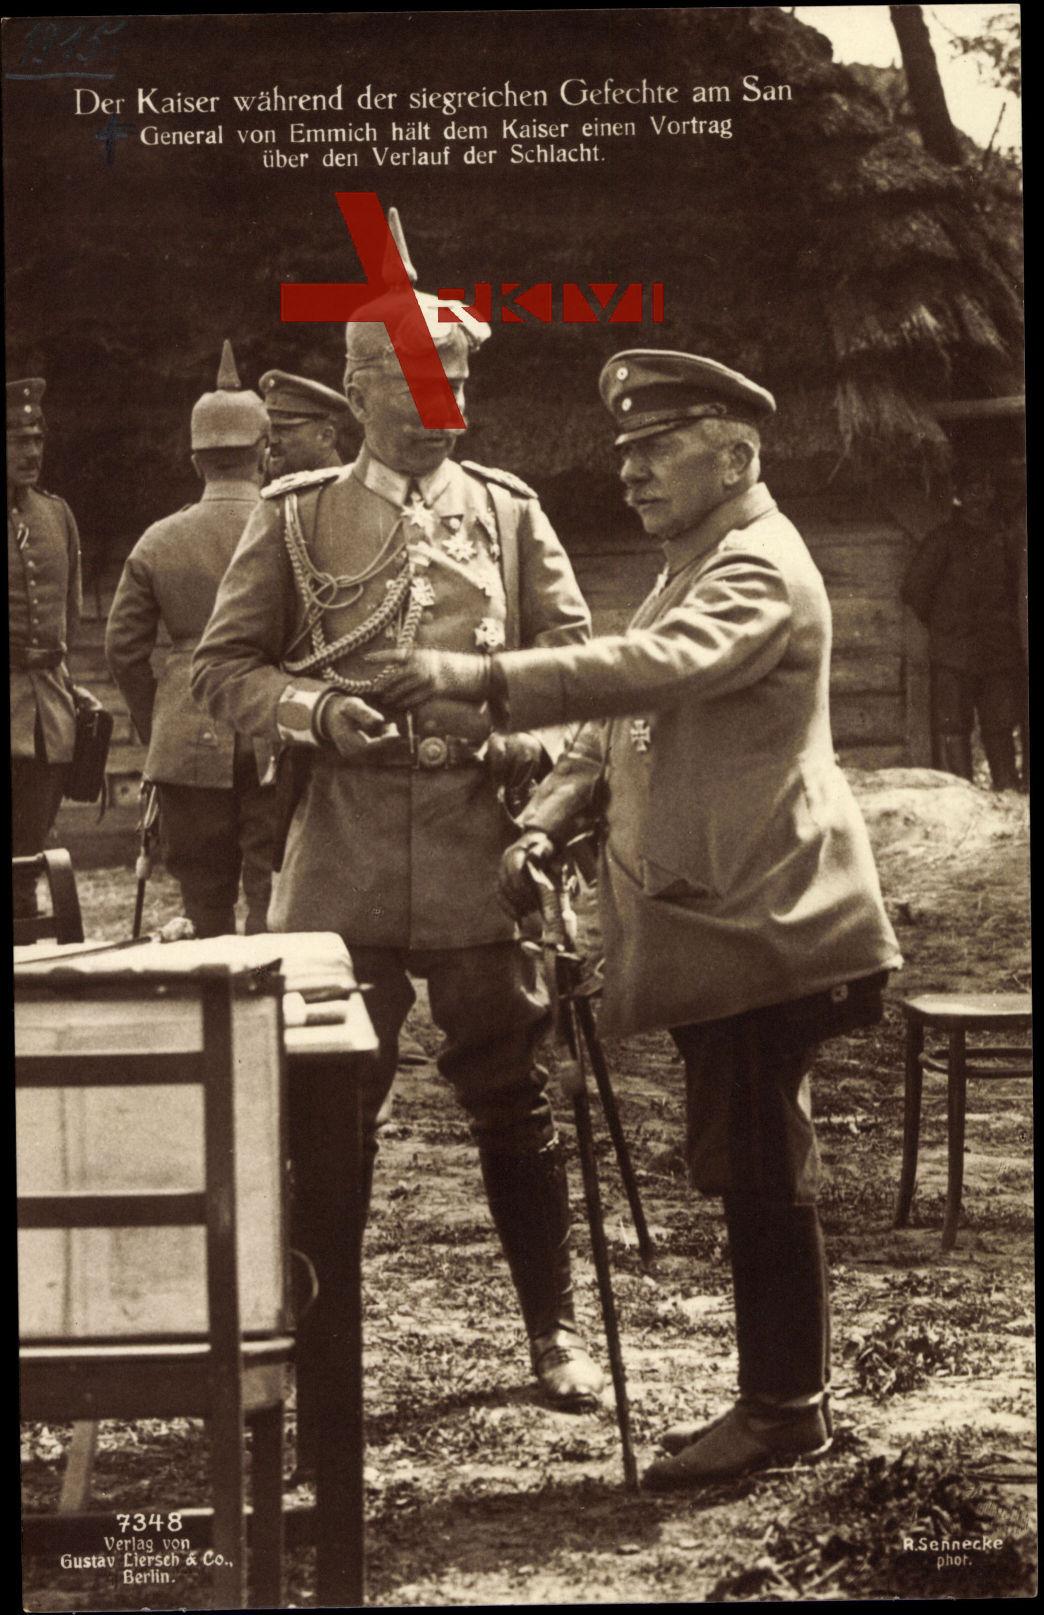 General v. Emmich und Kaiser Wilhelm II., Liersch 7348